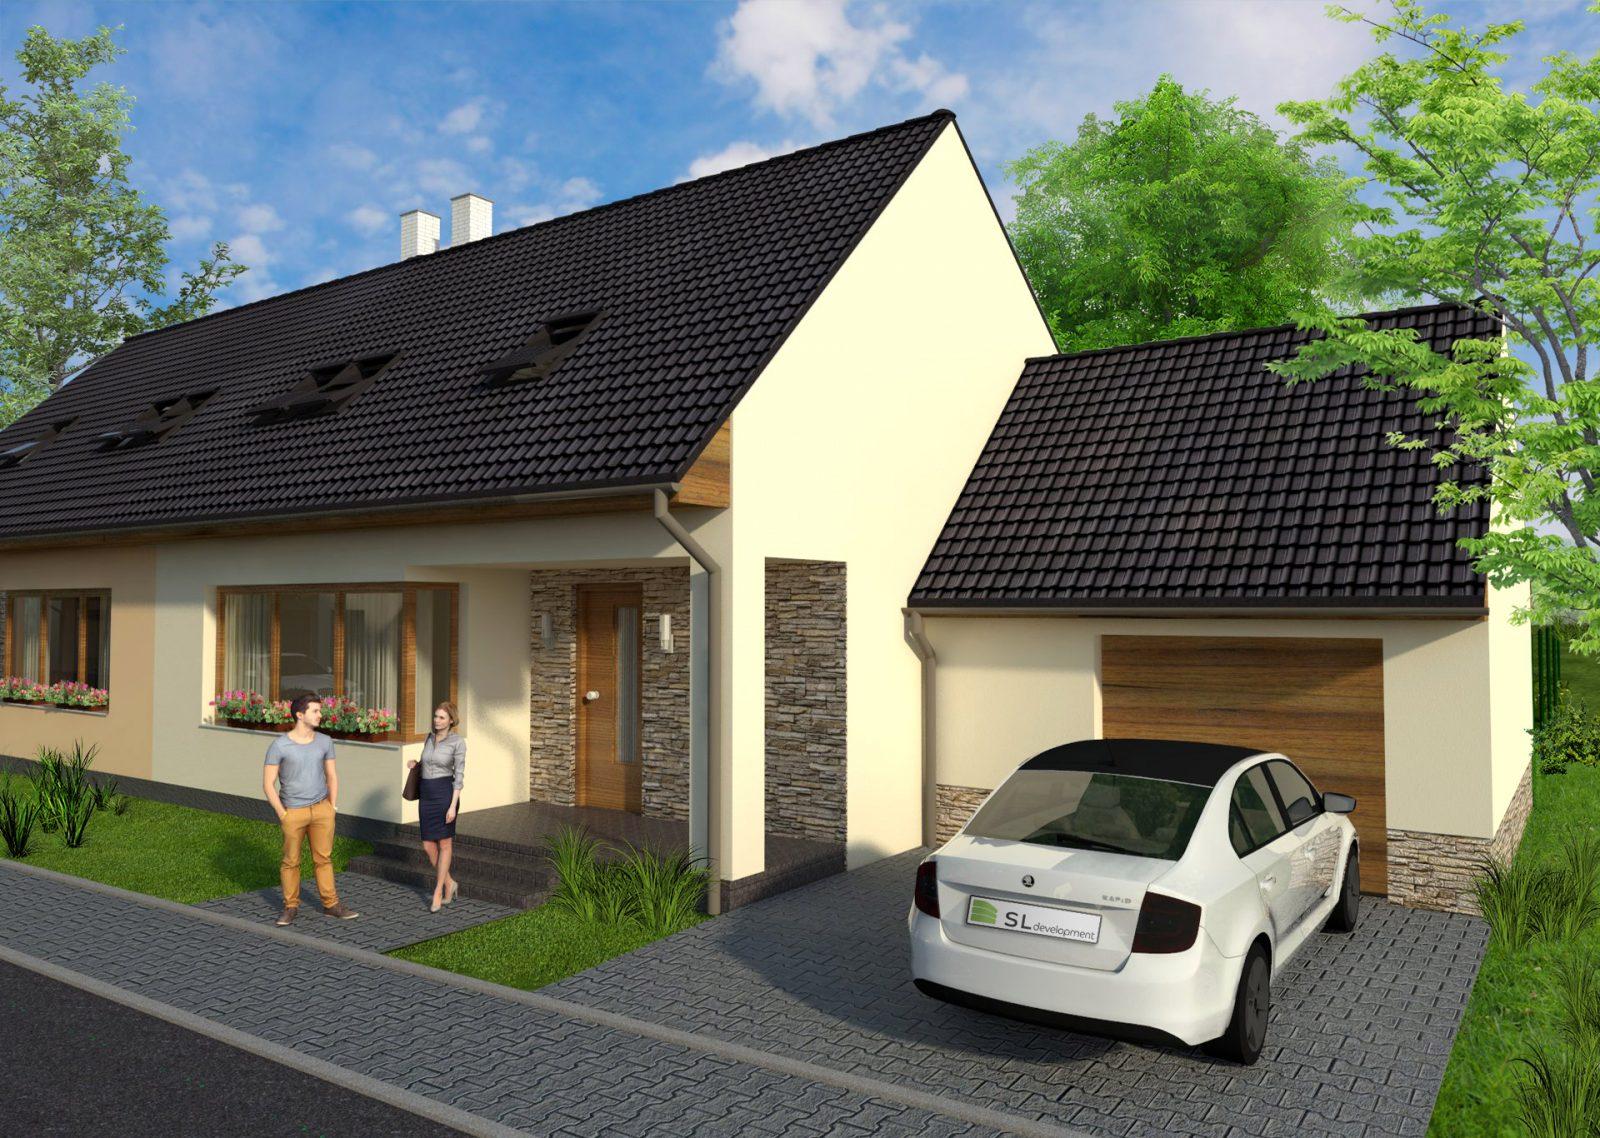 Vizualizace rodinných domů pro developerský projekt